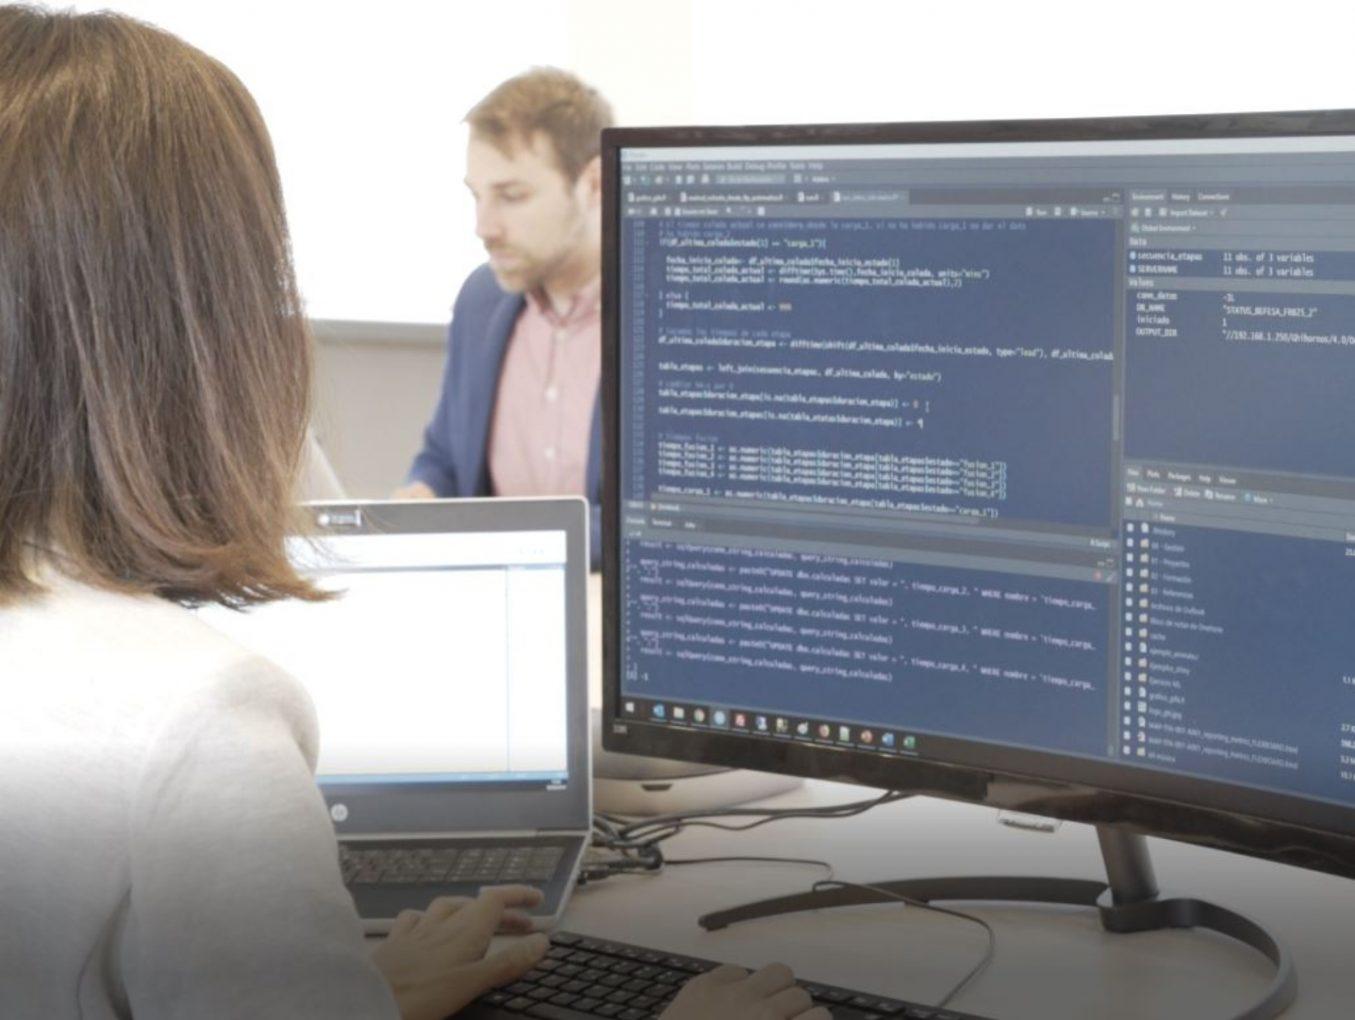 HORDAGO: Hornos robustos y eficientes con disponibilidad y mantenimiento avanzados para la gestión optimizada de procesos